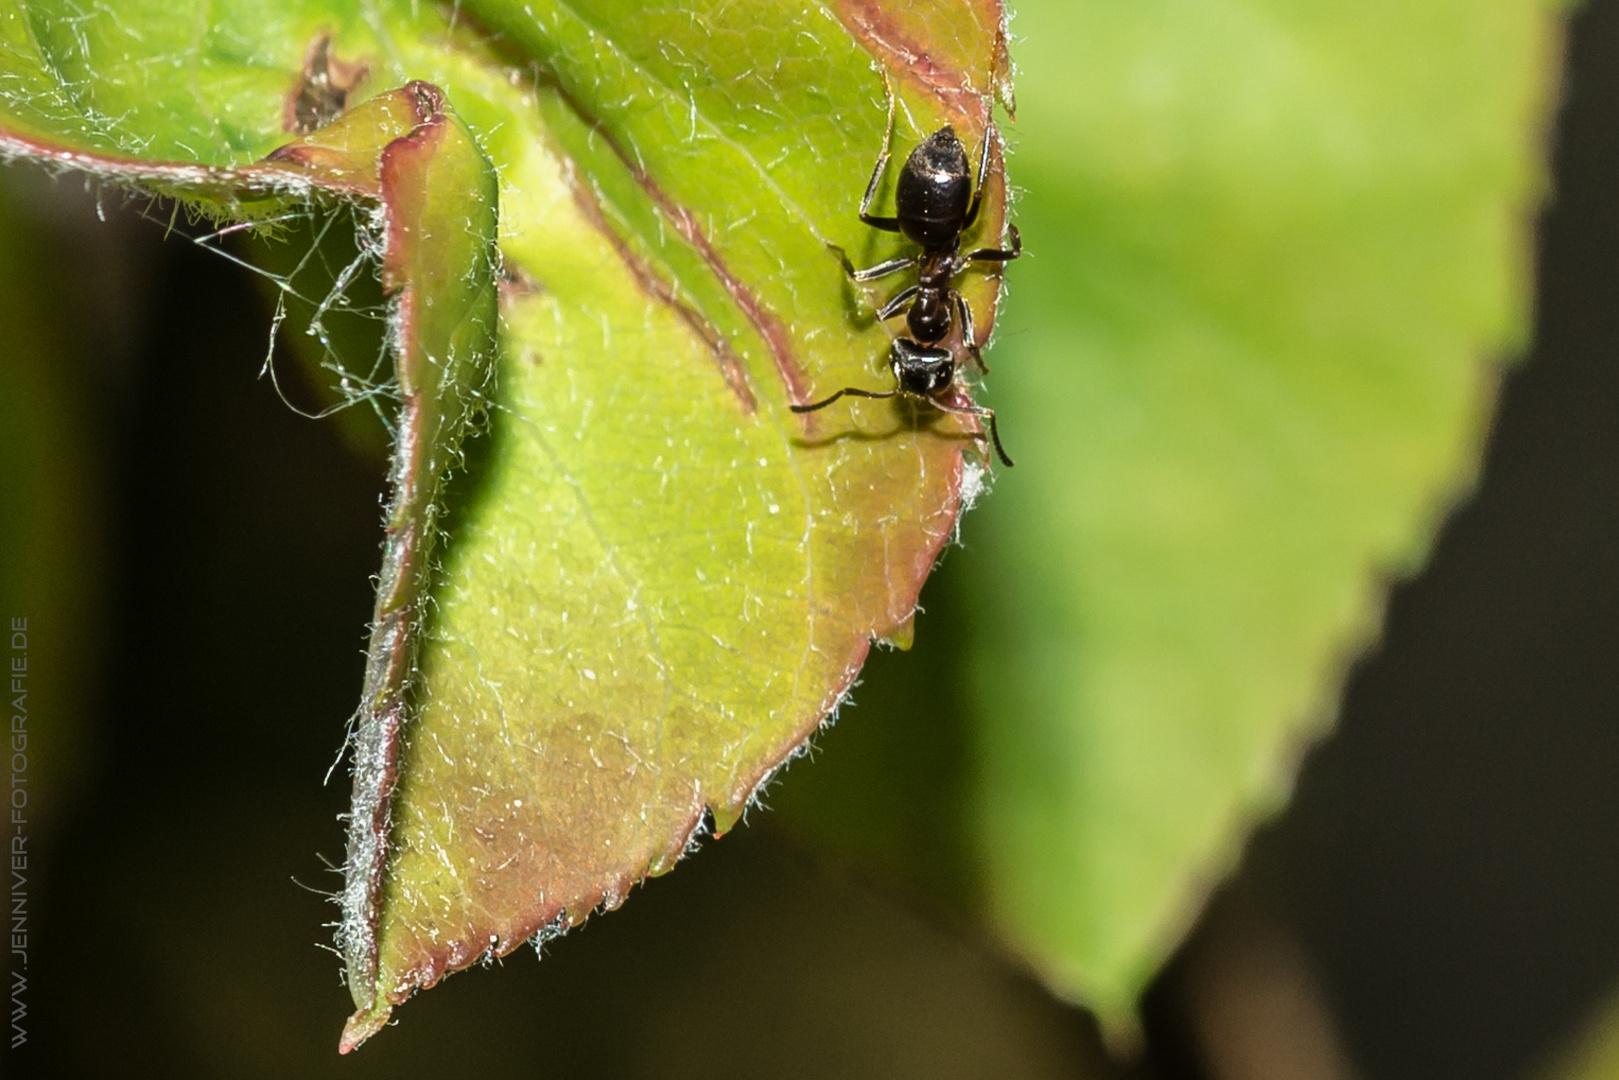 Sonnenbad der kleinen Ameise